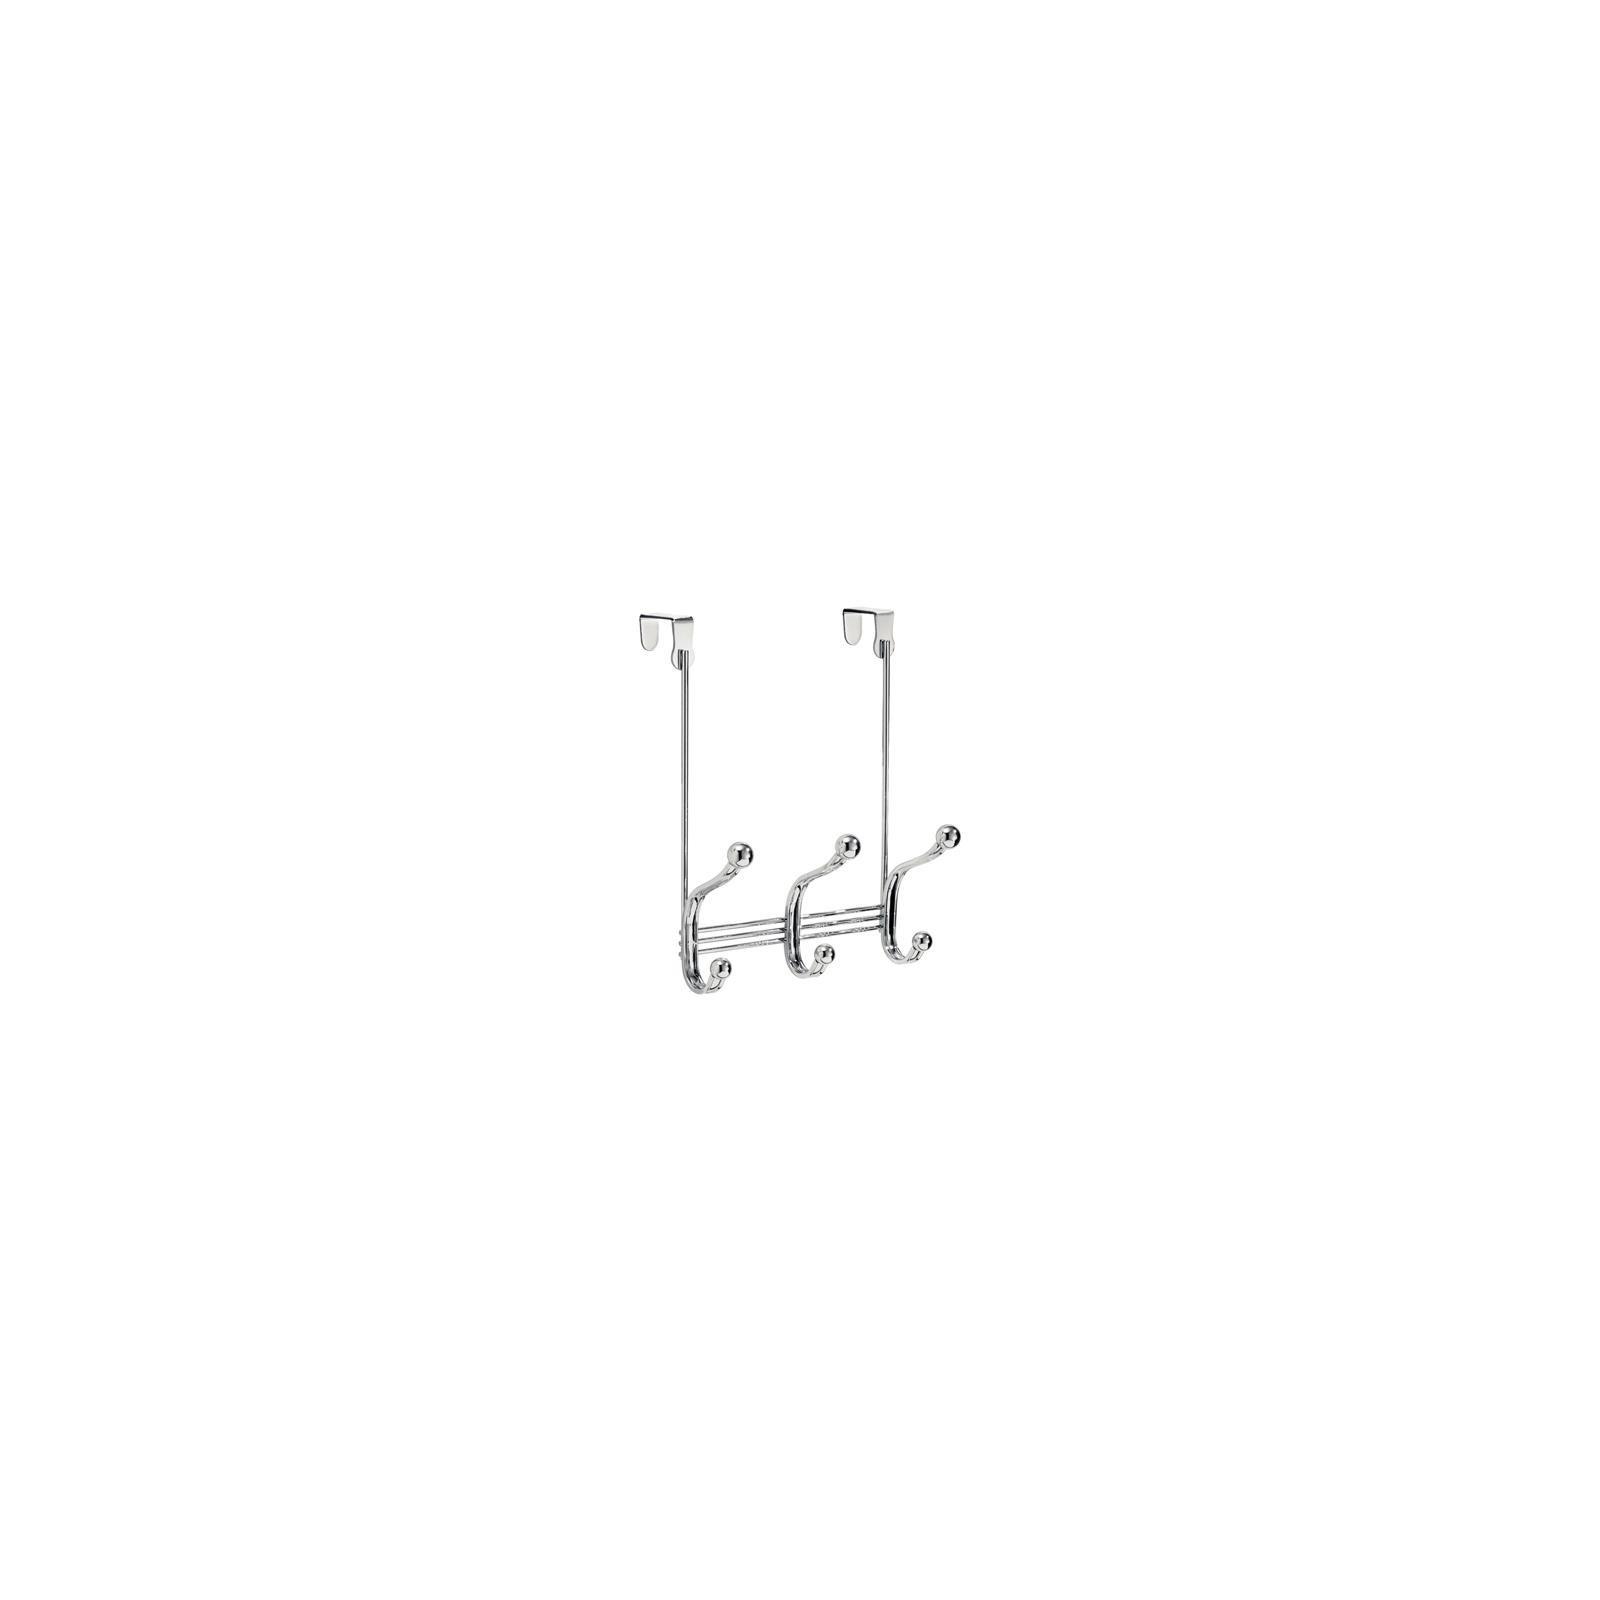 InterDesign 53070 3-Hook Over-The-Door Rack - Quantity 4